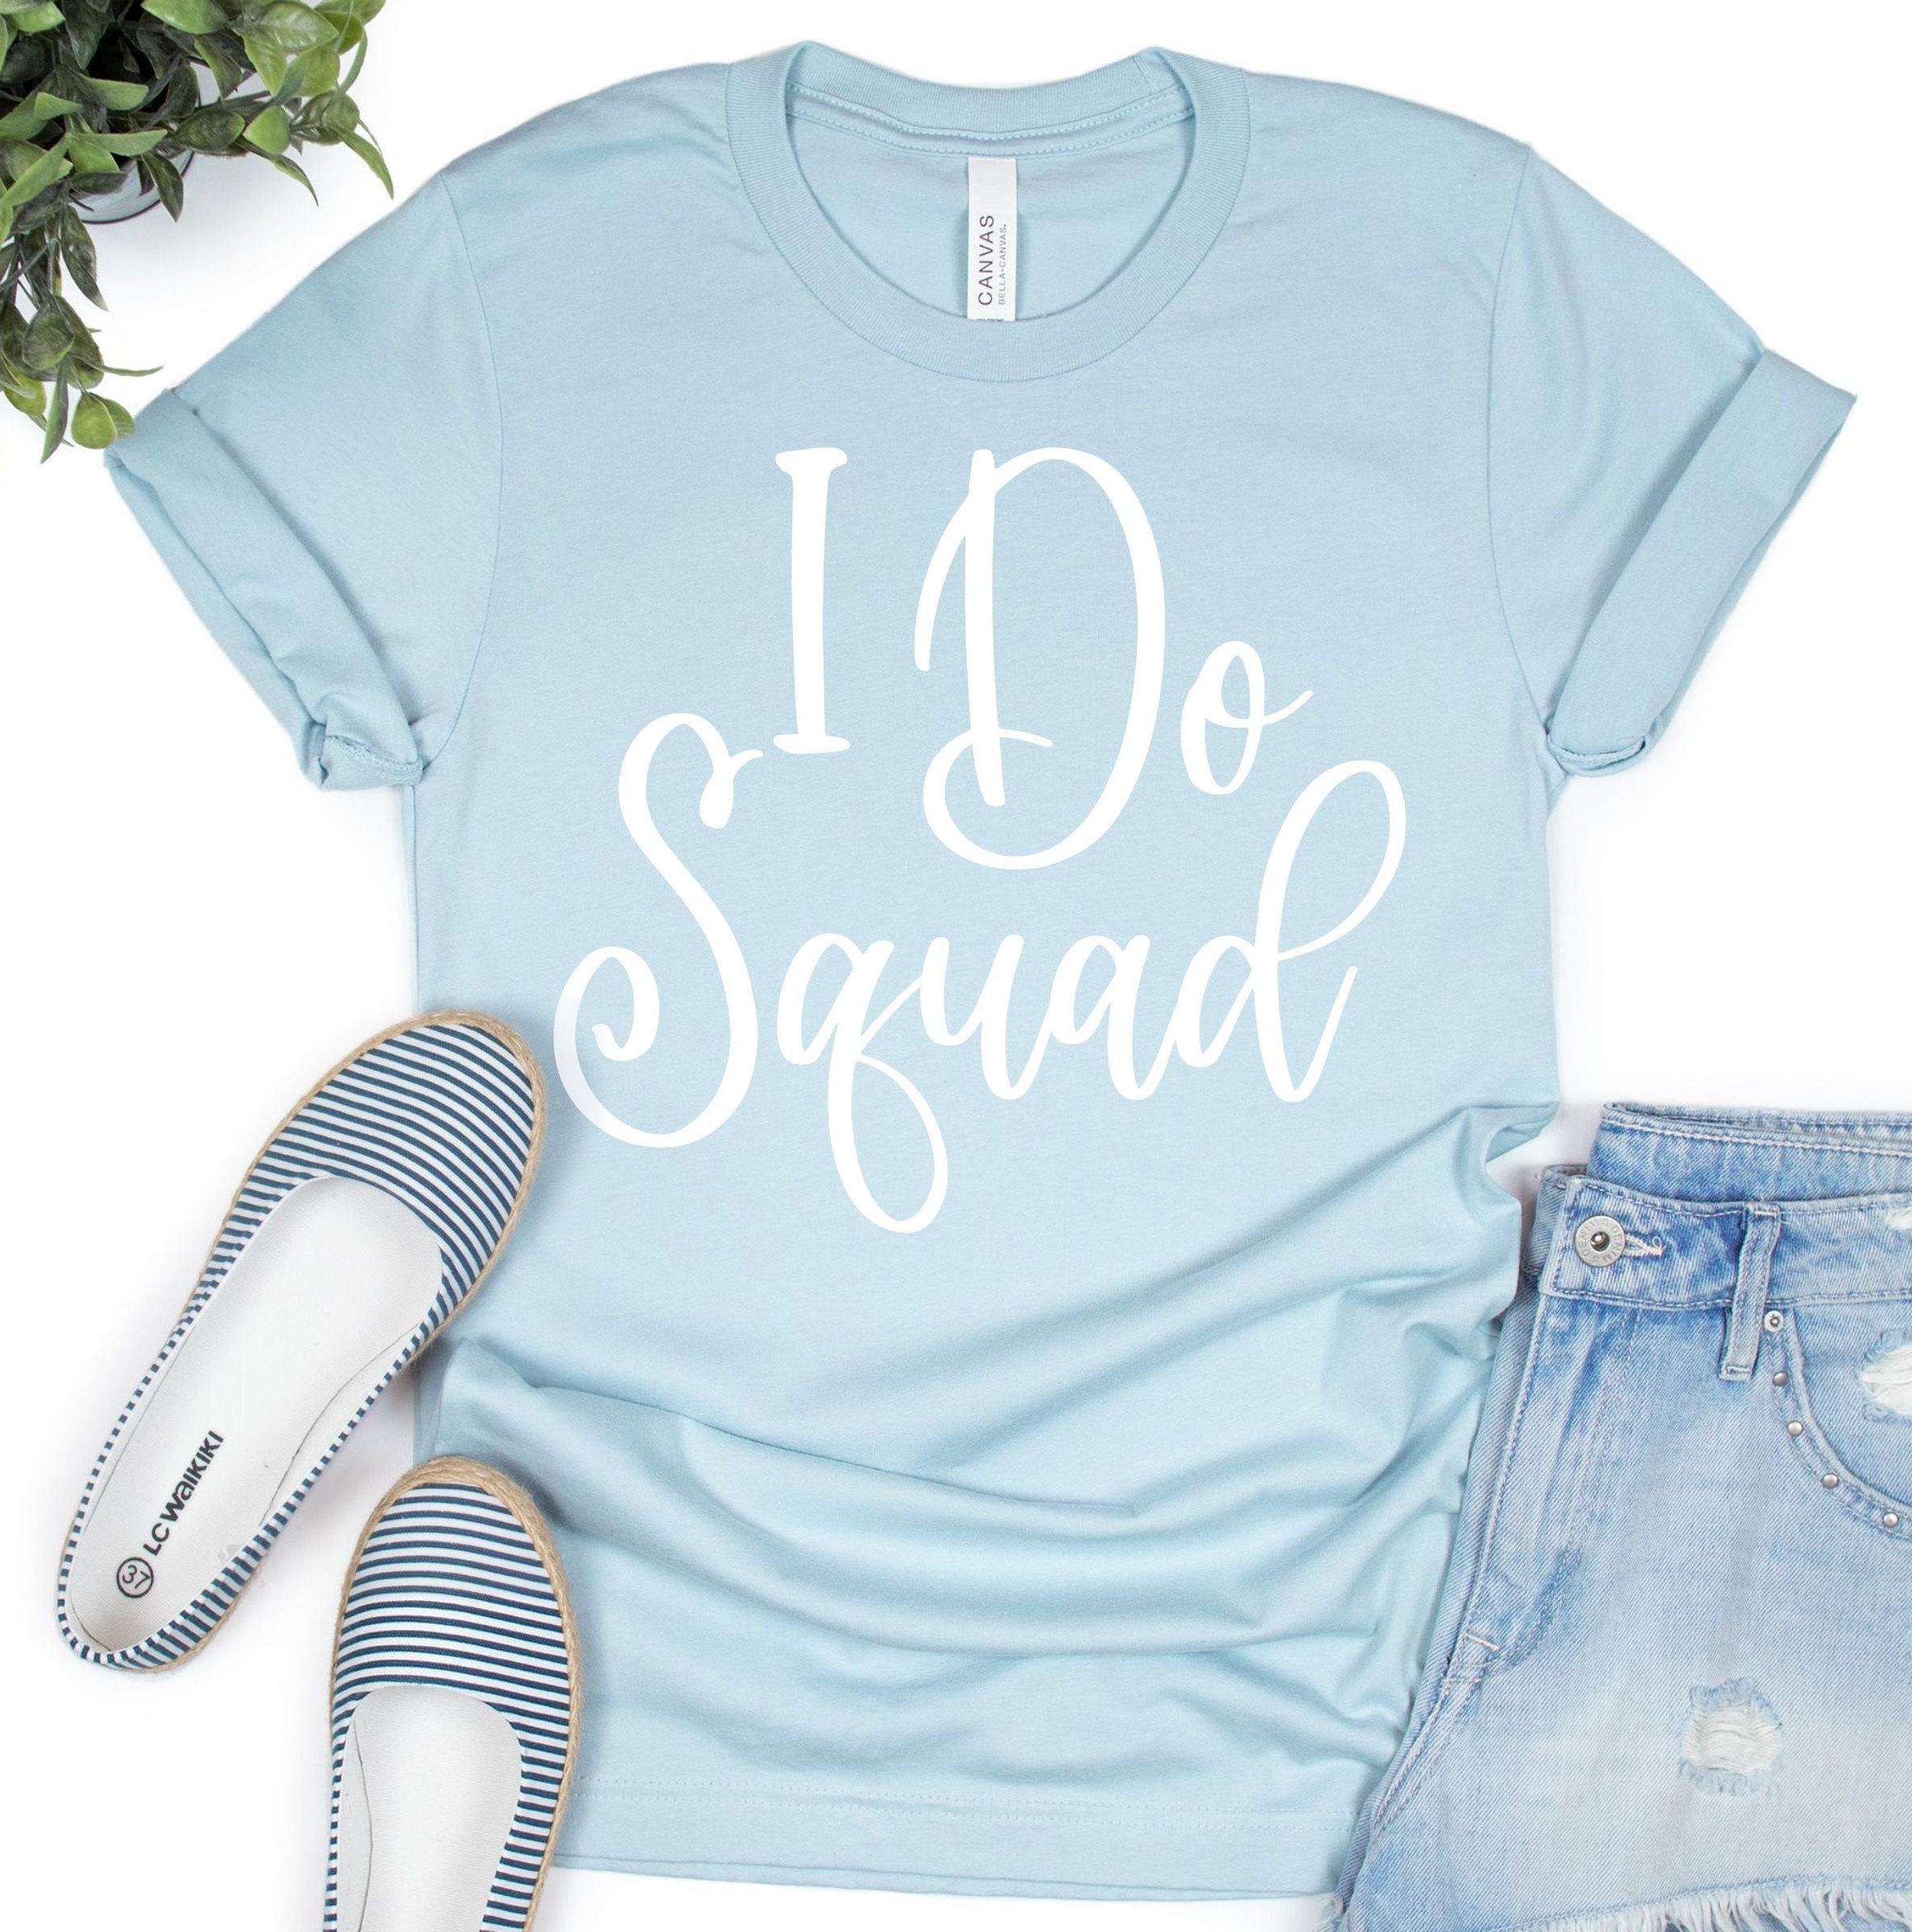 I-do-squad-svg-squad-svg-bridesmaid-svg-bridal-party-svg-bride-svg-wedding-svg-design-bachelorette-svg-design-bridesmaid-cricut-svg-2-600a14dc